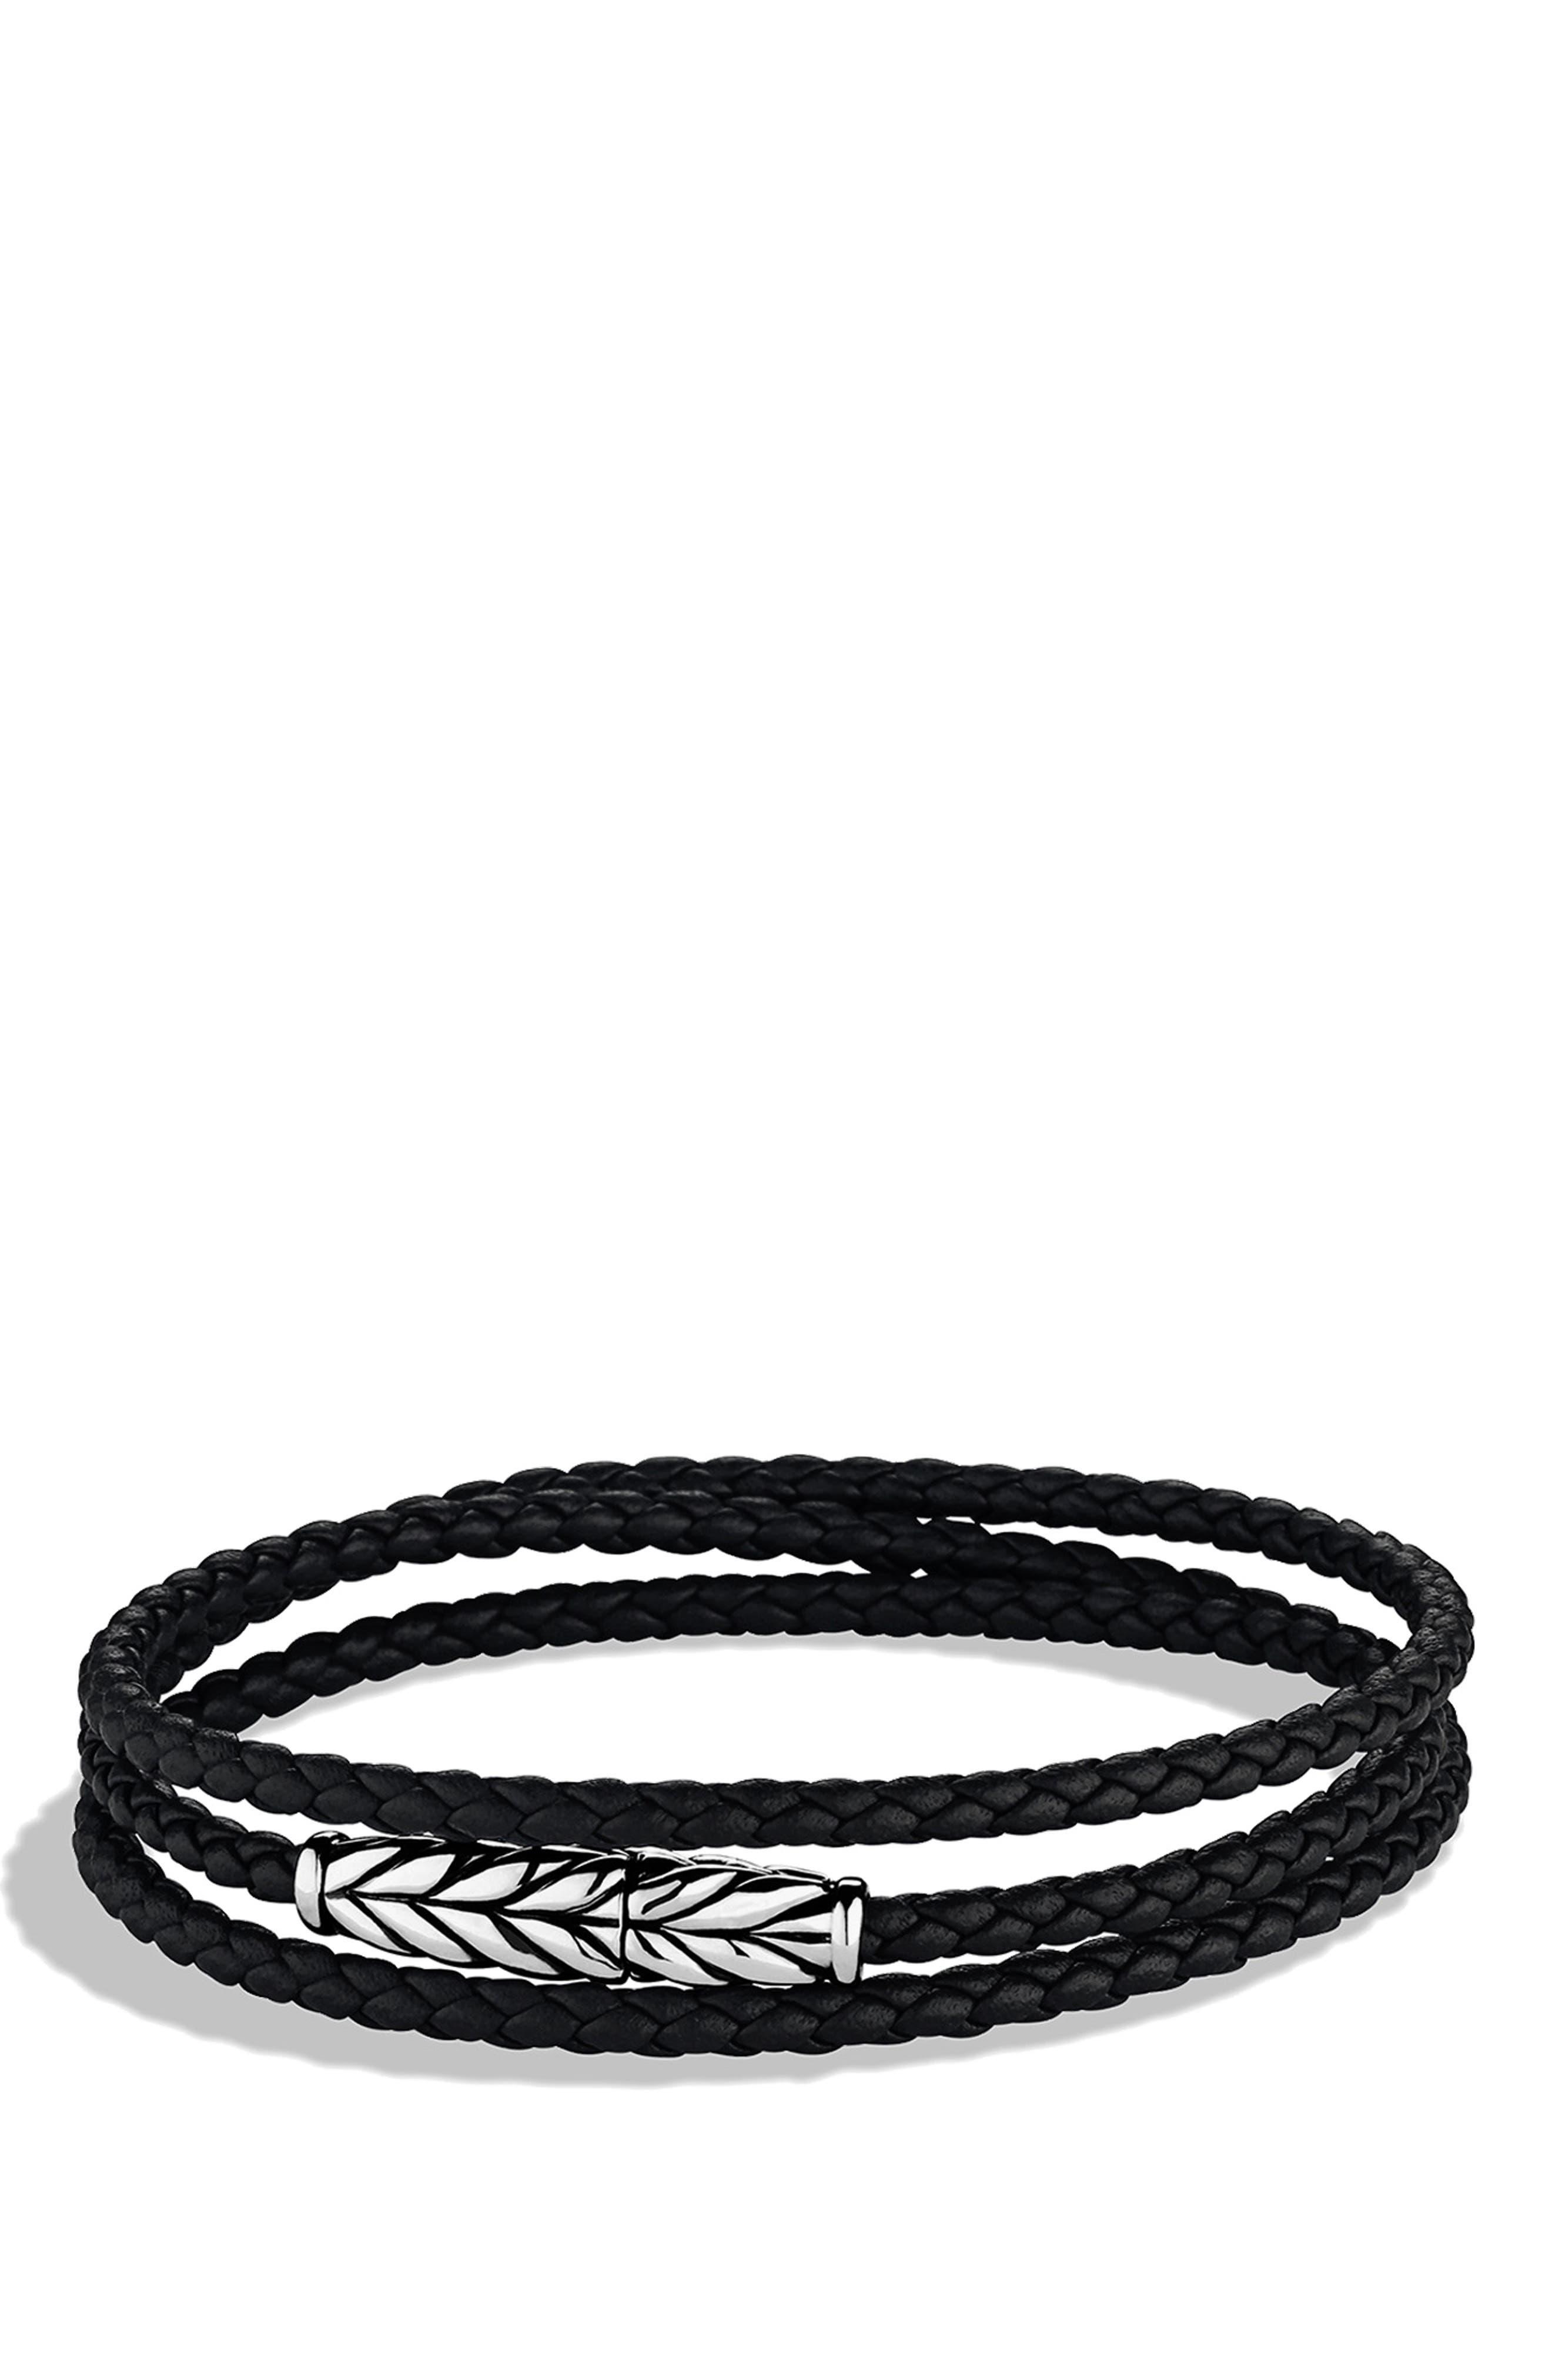 'Chevron' Triple-Wrap Bracelet,                         Main,                         color, BLACK LEATHER